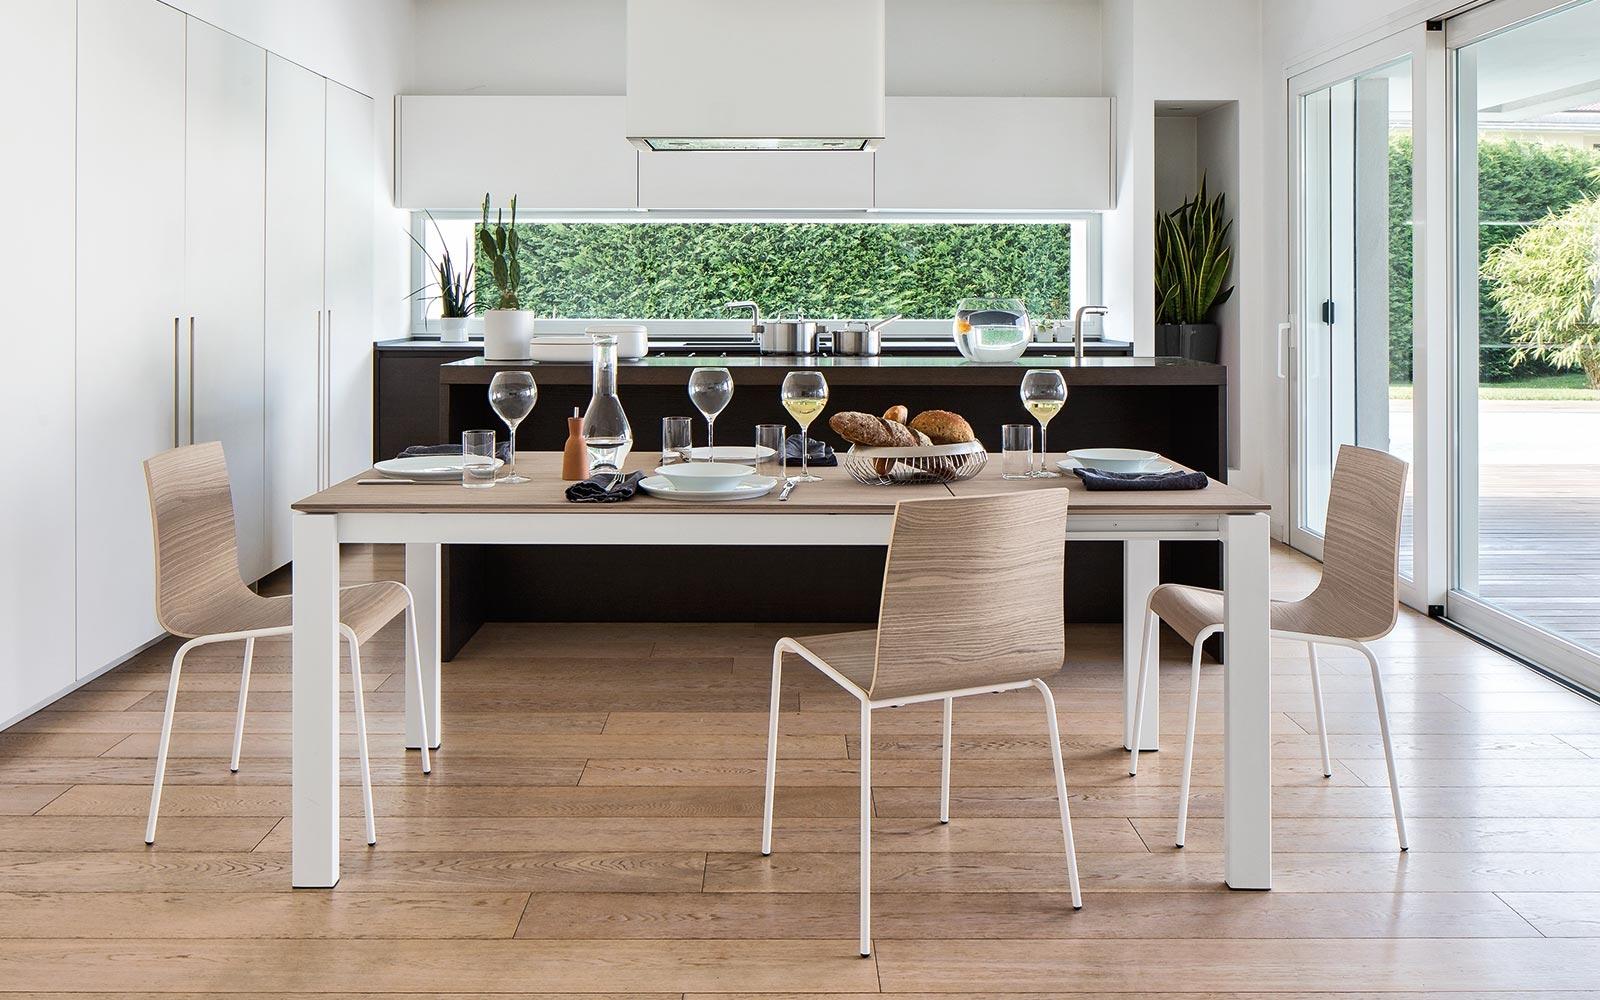 Sedia calligaris online sedie a prezzi scontati for Tavoli e sedie calligaris